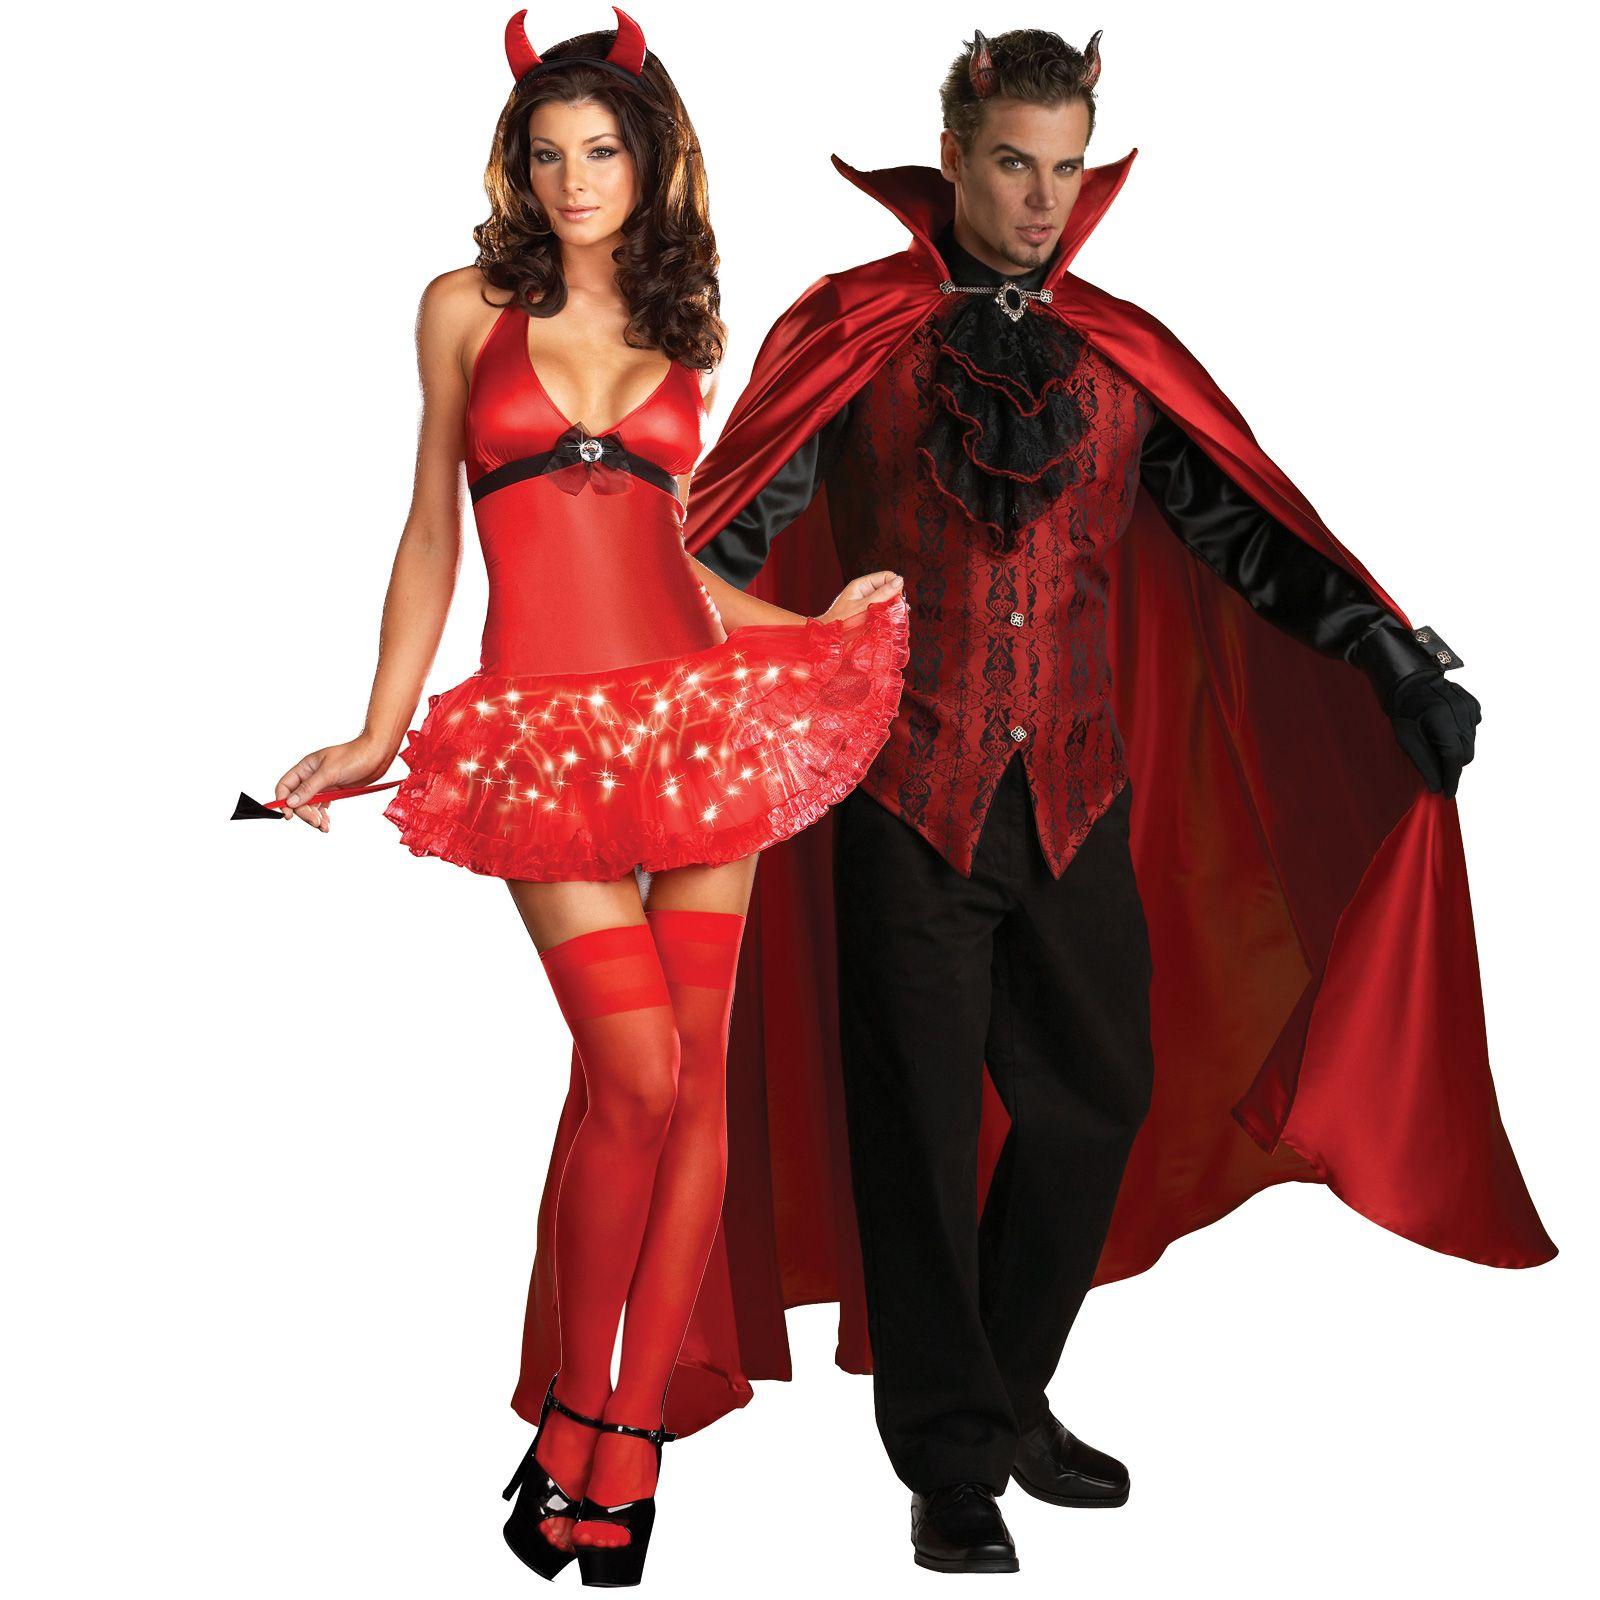 eb31bcc855d27 Devil's De-Light and Elite Handsome Devil Couples Costume - On Sale ...